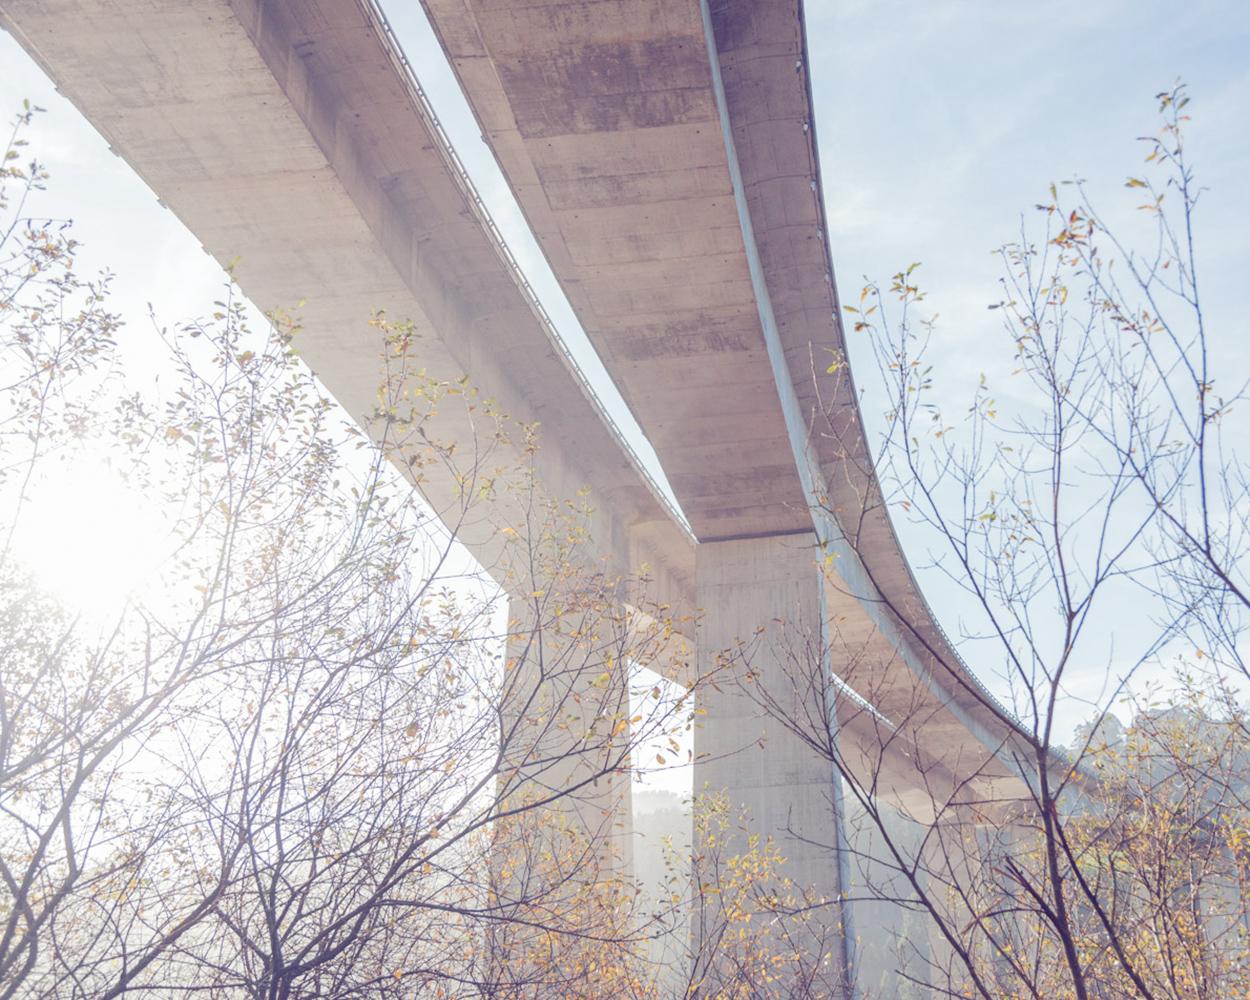 16-Motorway bridge-102-24.jpg